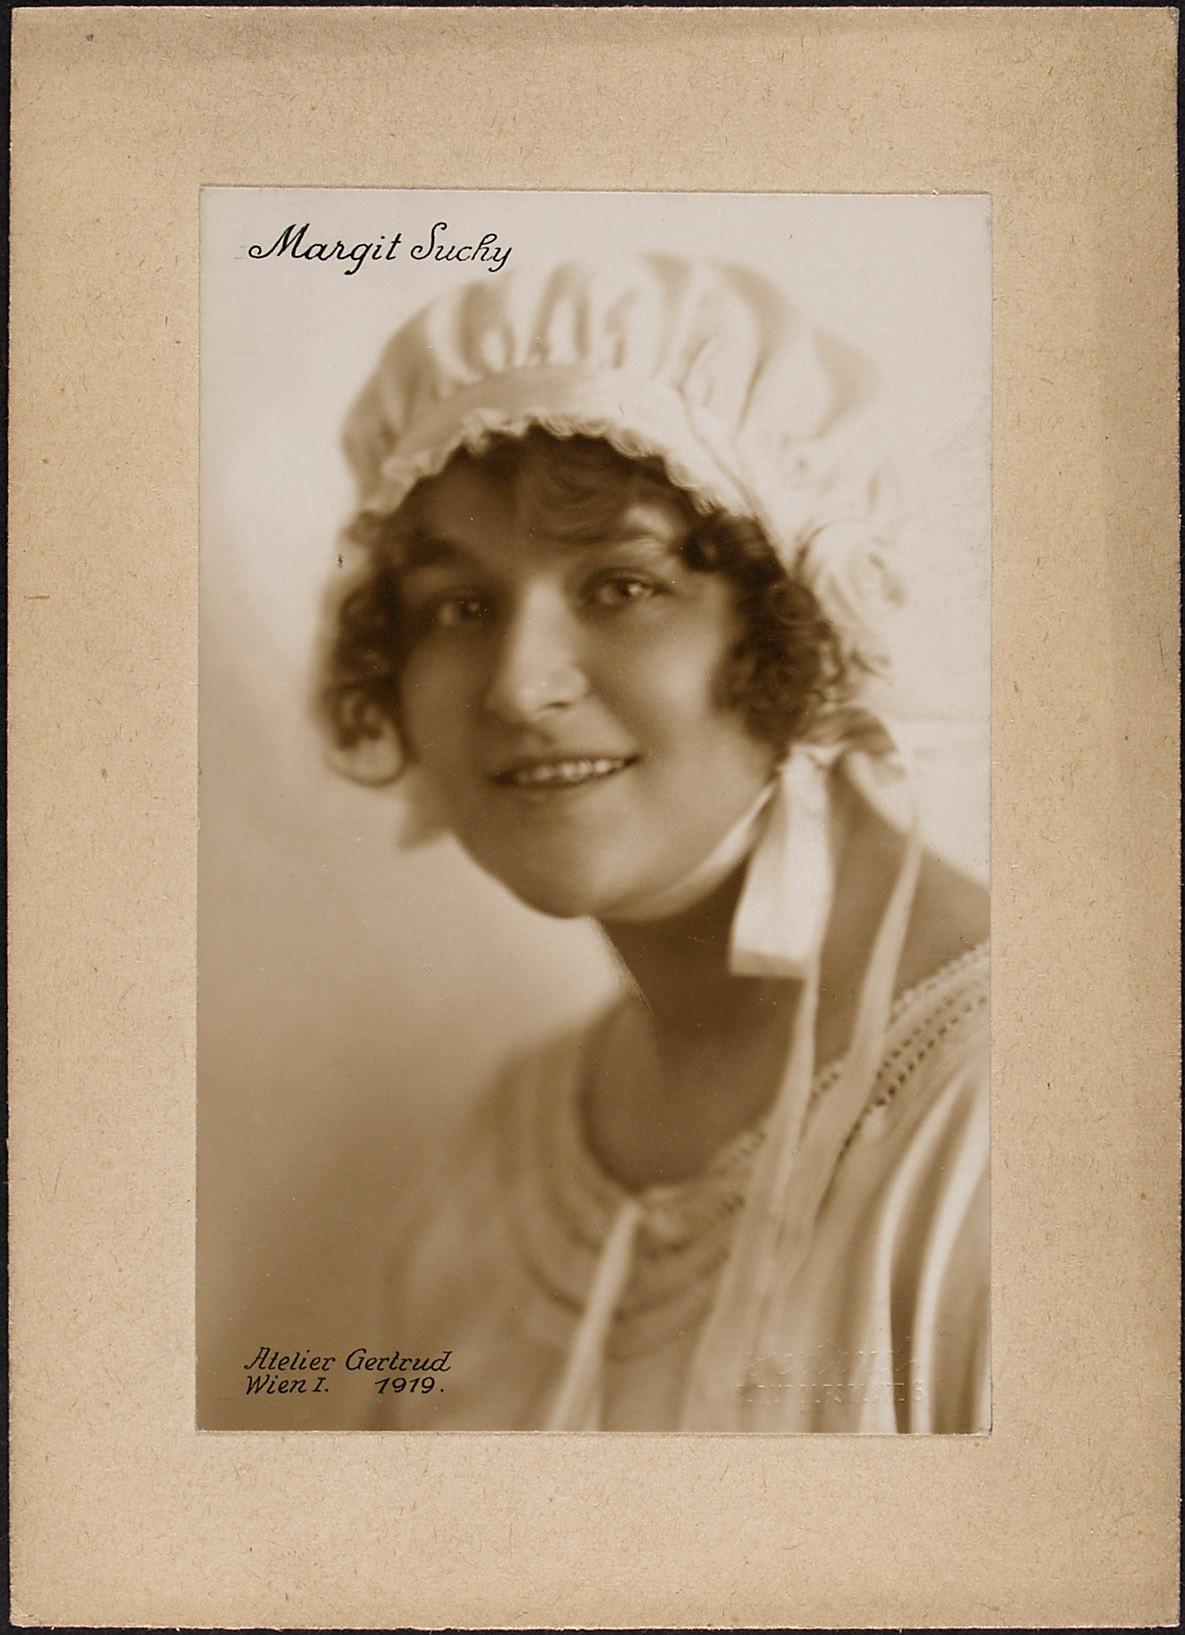 Margit Suchy von Gertrud, Wien